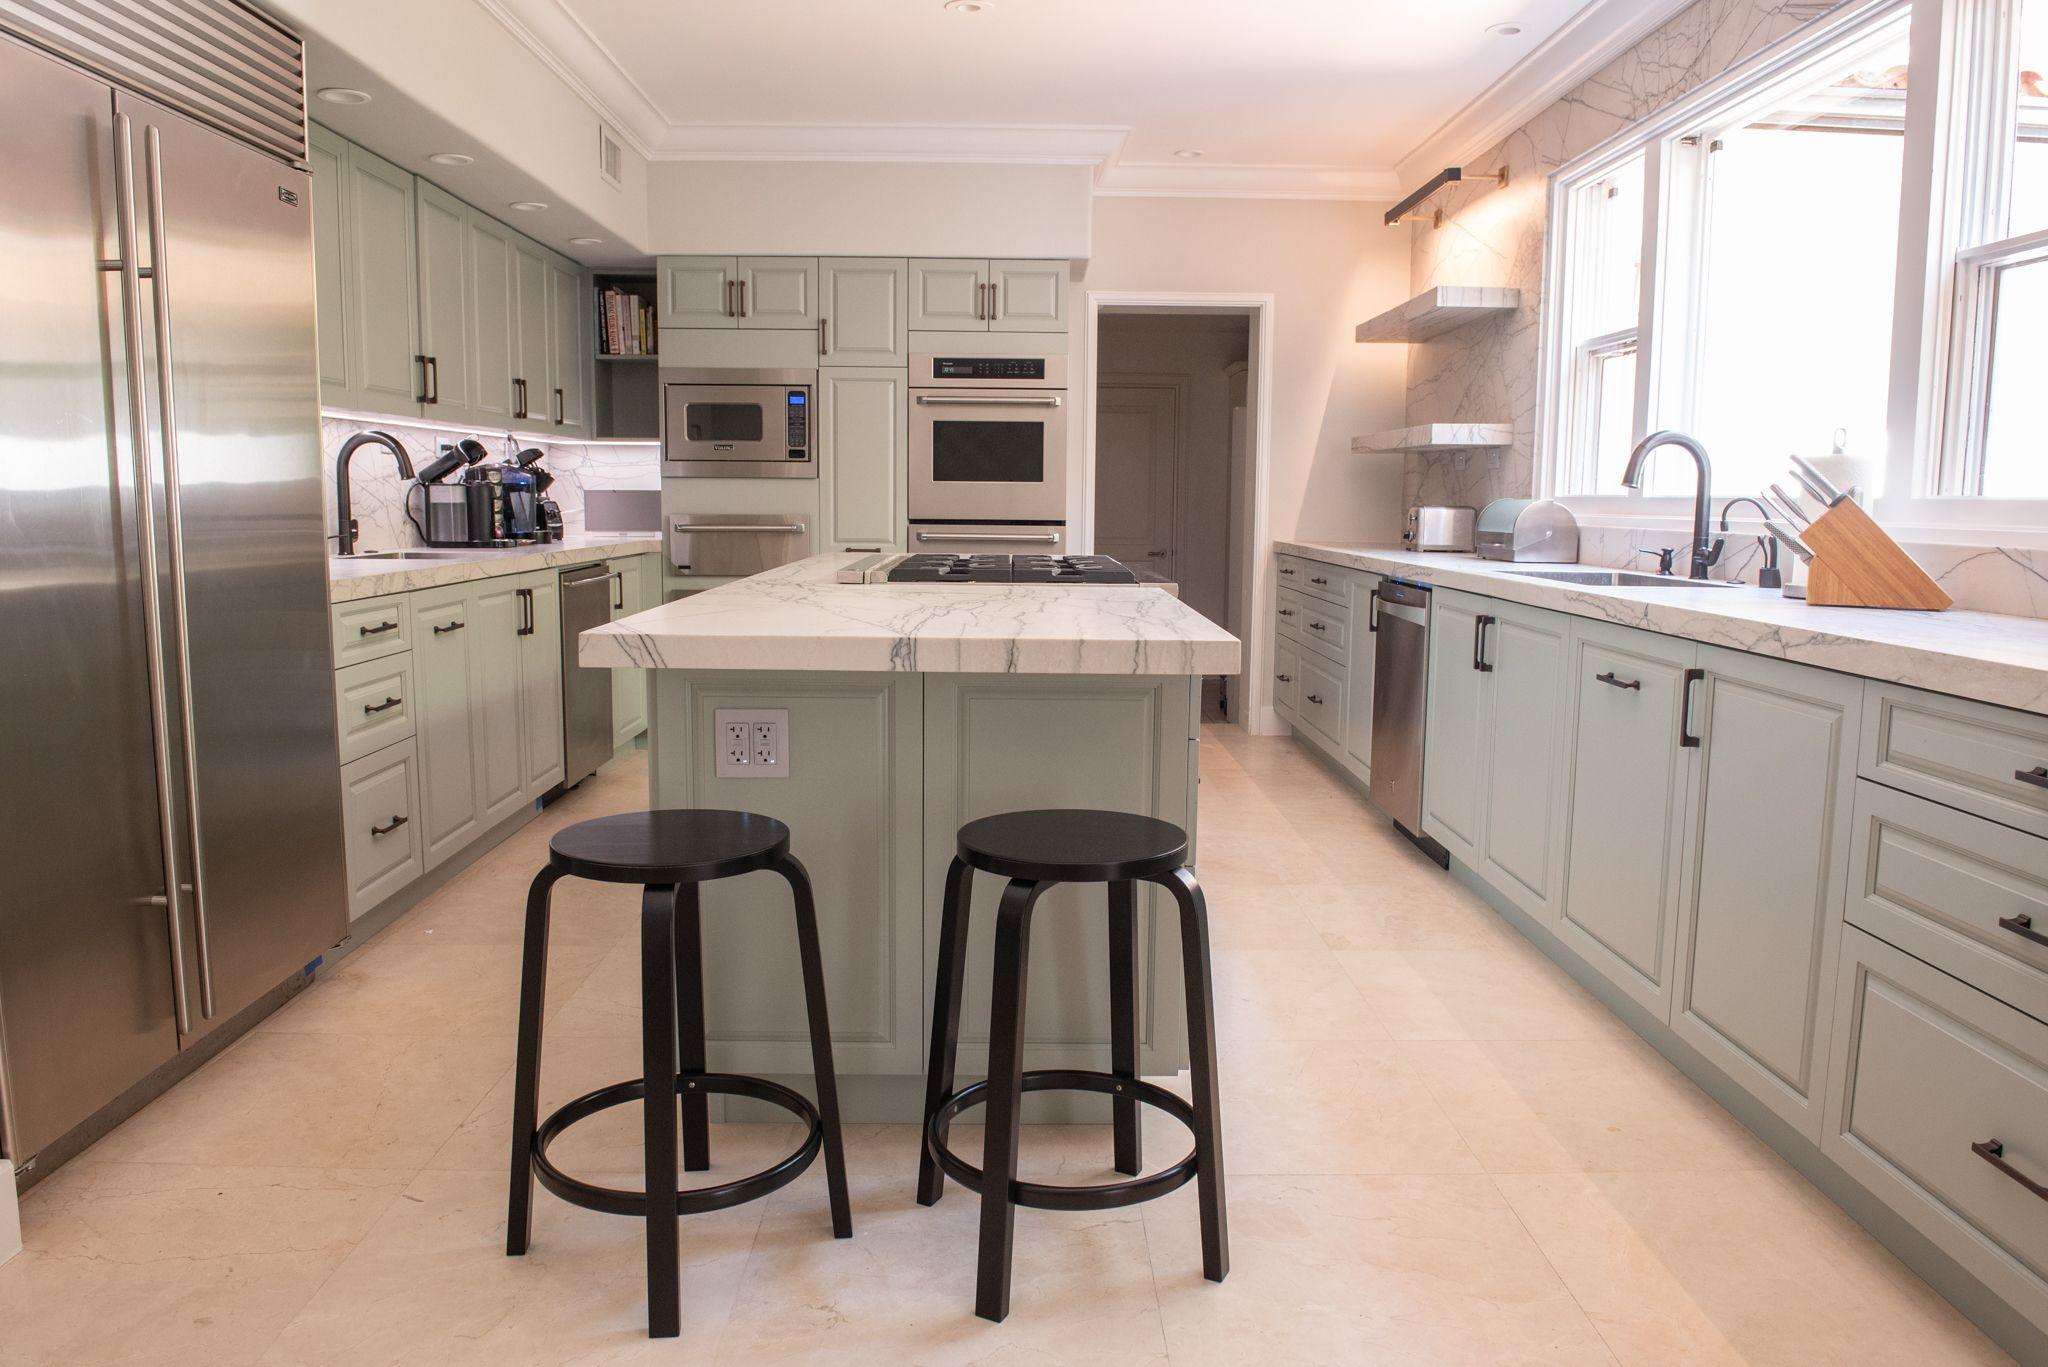 Modern Kitchen Remodel Done In A Silvermist Crystal Door In 2020 Modern Kitchen Remodel Home Kitchens Modern Kitchen